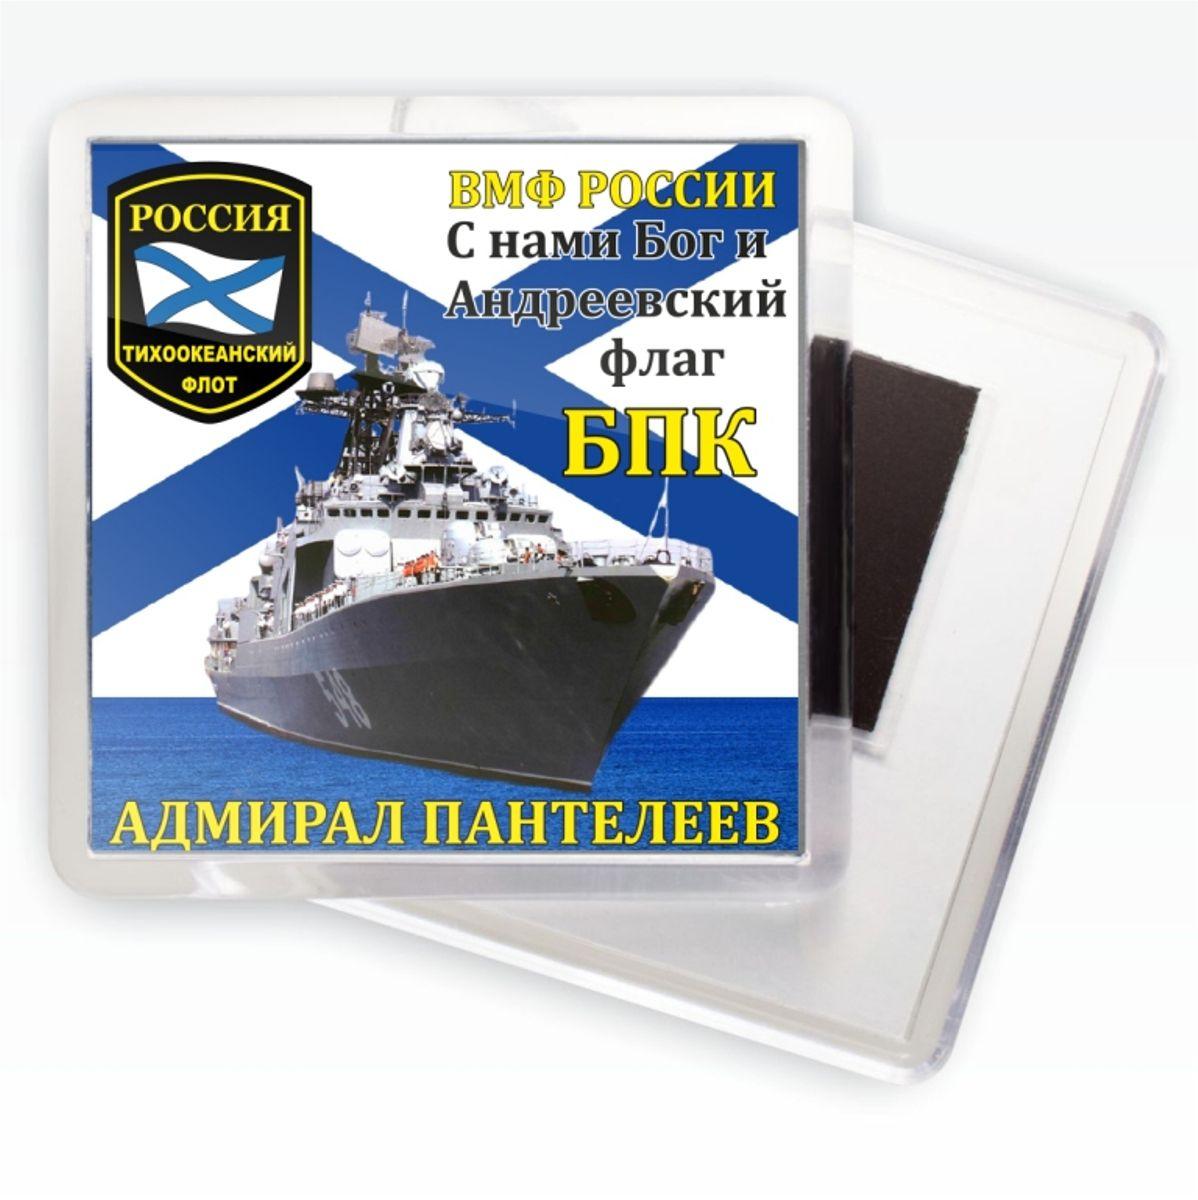 Магнитик БПК «Адмирал Пантелеев» ТОФ